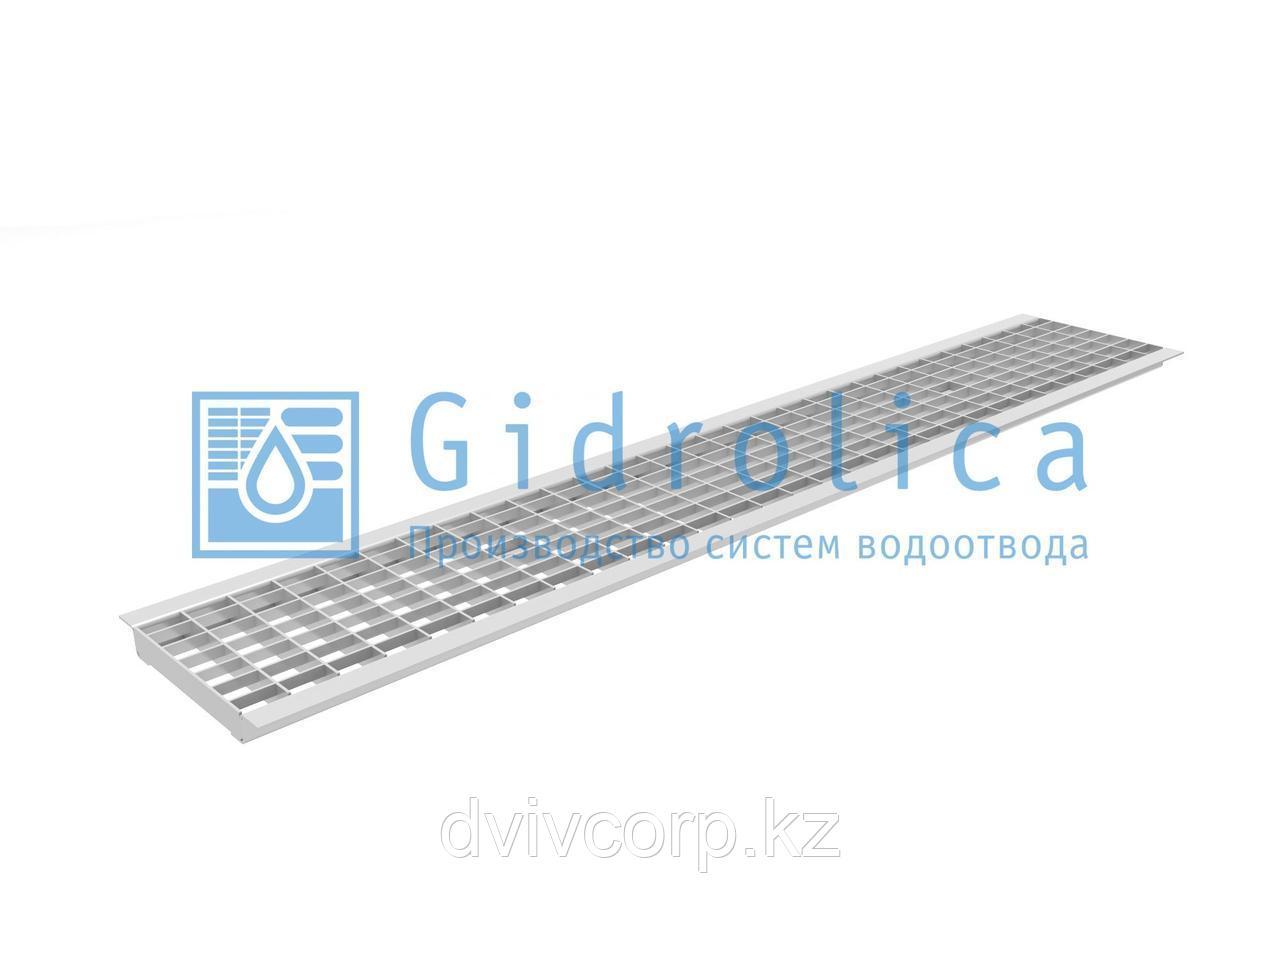 Арт. 511 Решетка водоприемная Gidrolica Standart РВ -15.18,7.100 - ячеистая стальная оцинкованная, кл. В125